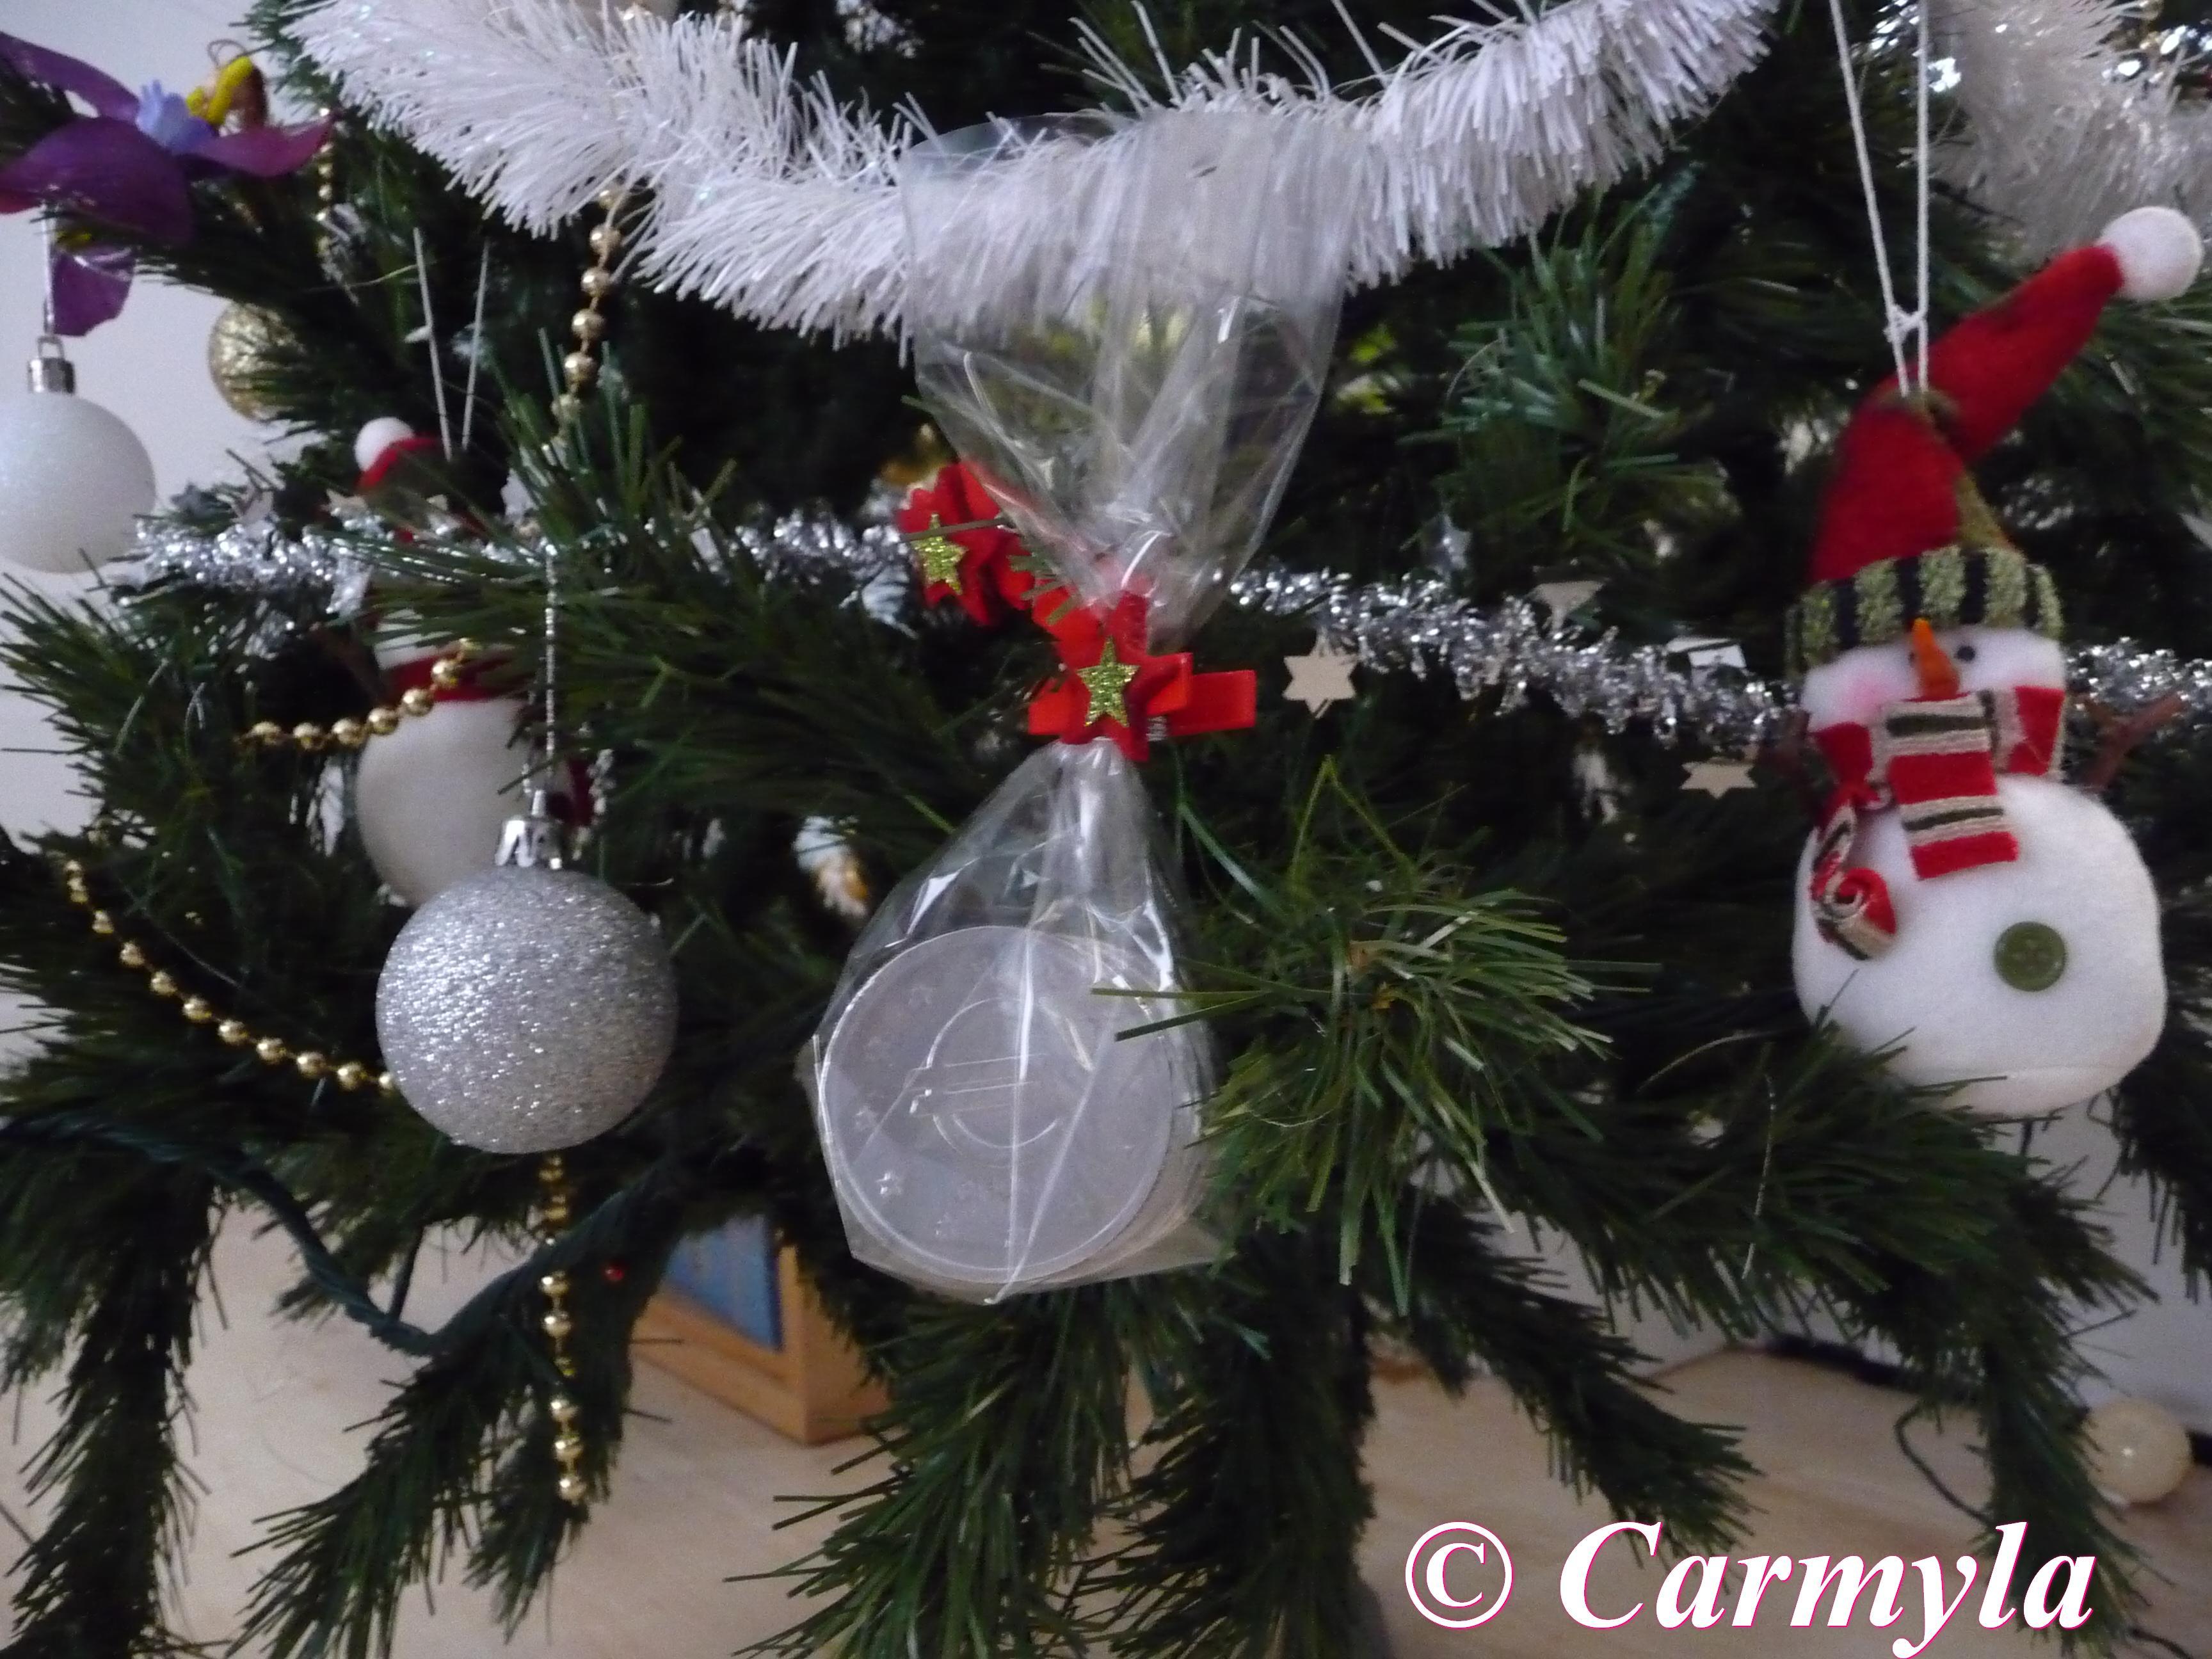 Ideas dulces para decorar el arbol de navidad carmyla for Ideas para decorar el arbol de navidad